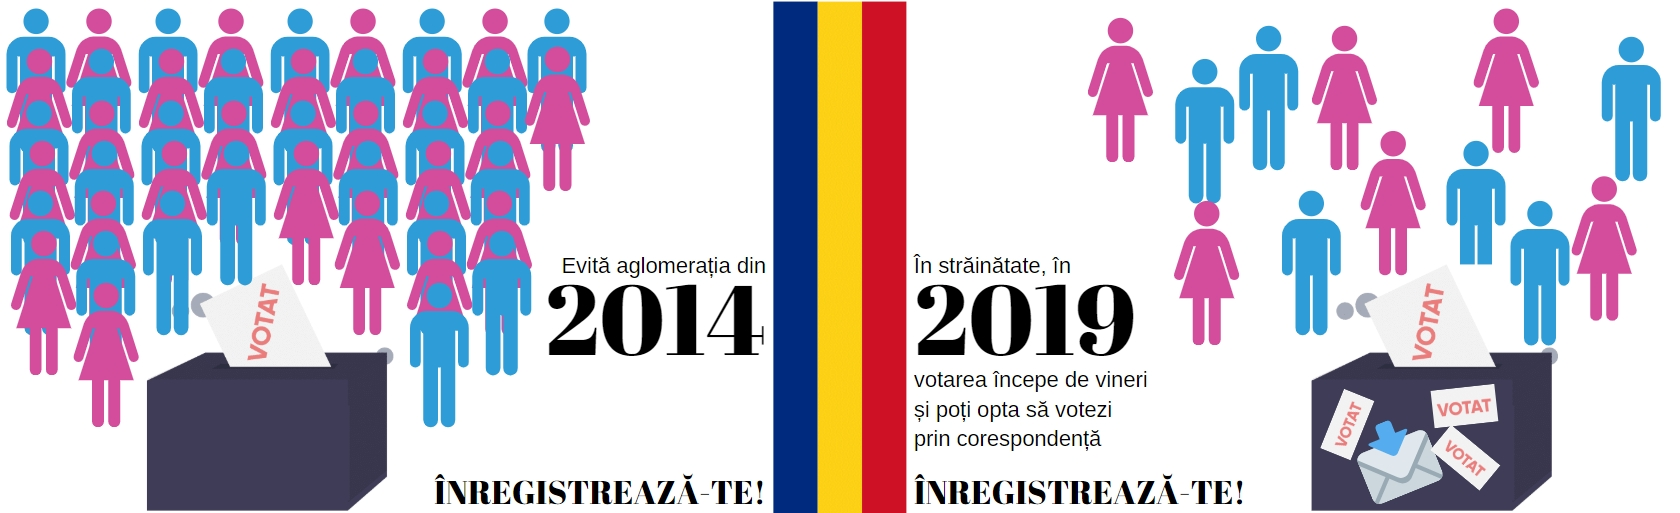 comunitatea-declic-campanie-pentru-promovarea-votului-prin-corespondenta